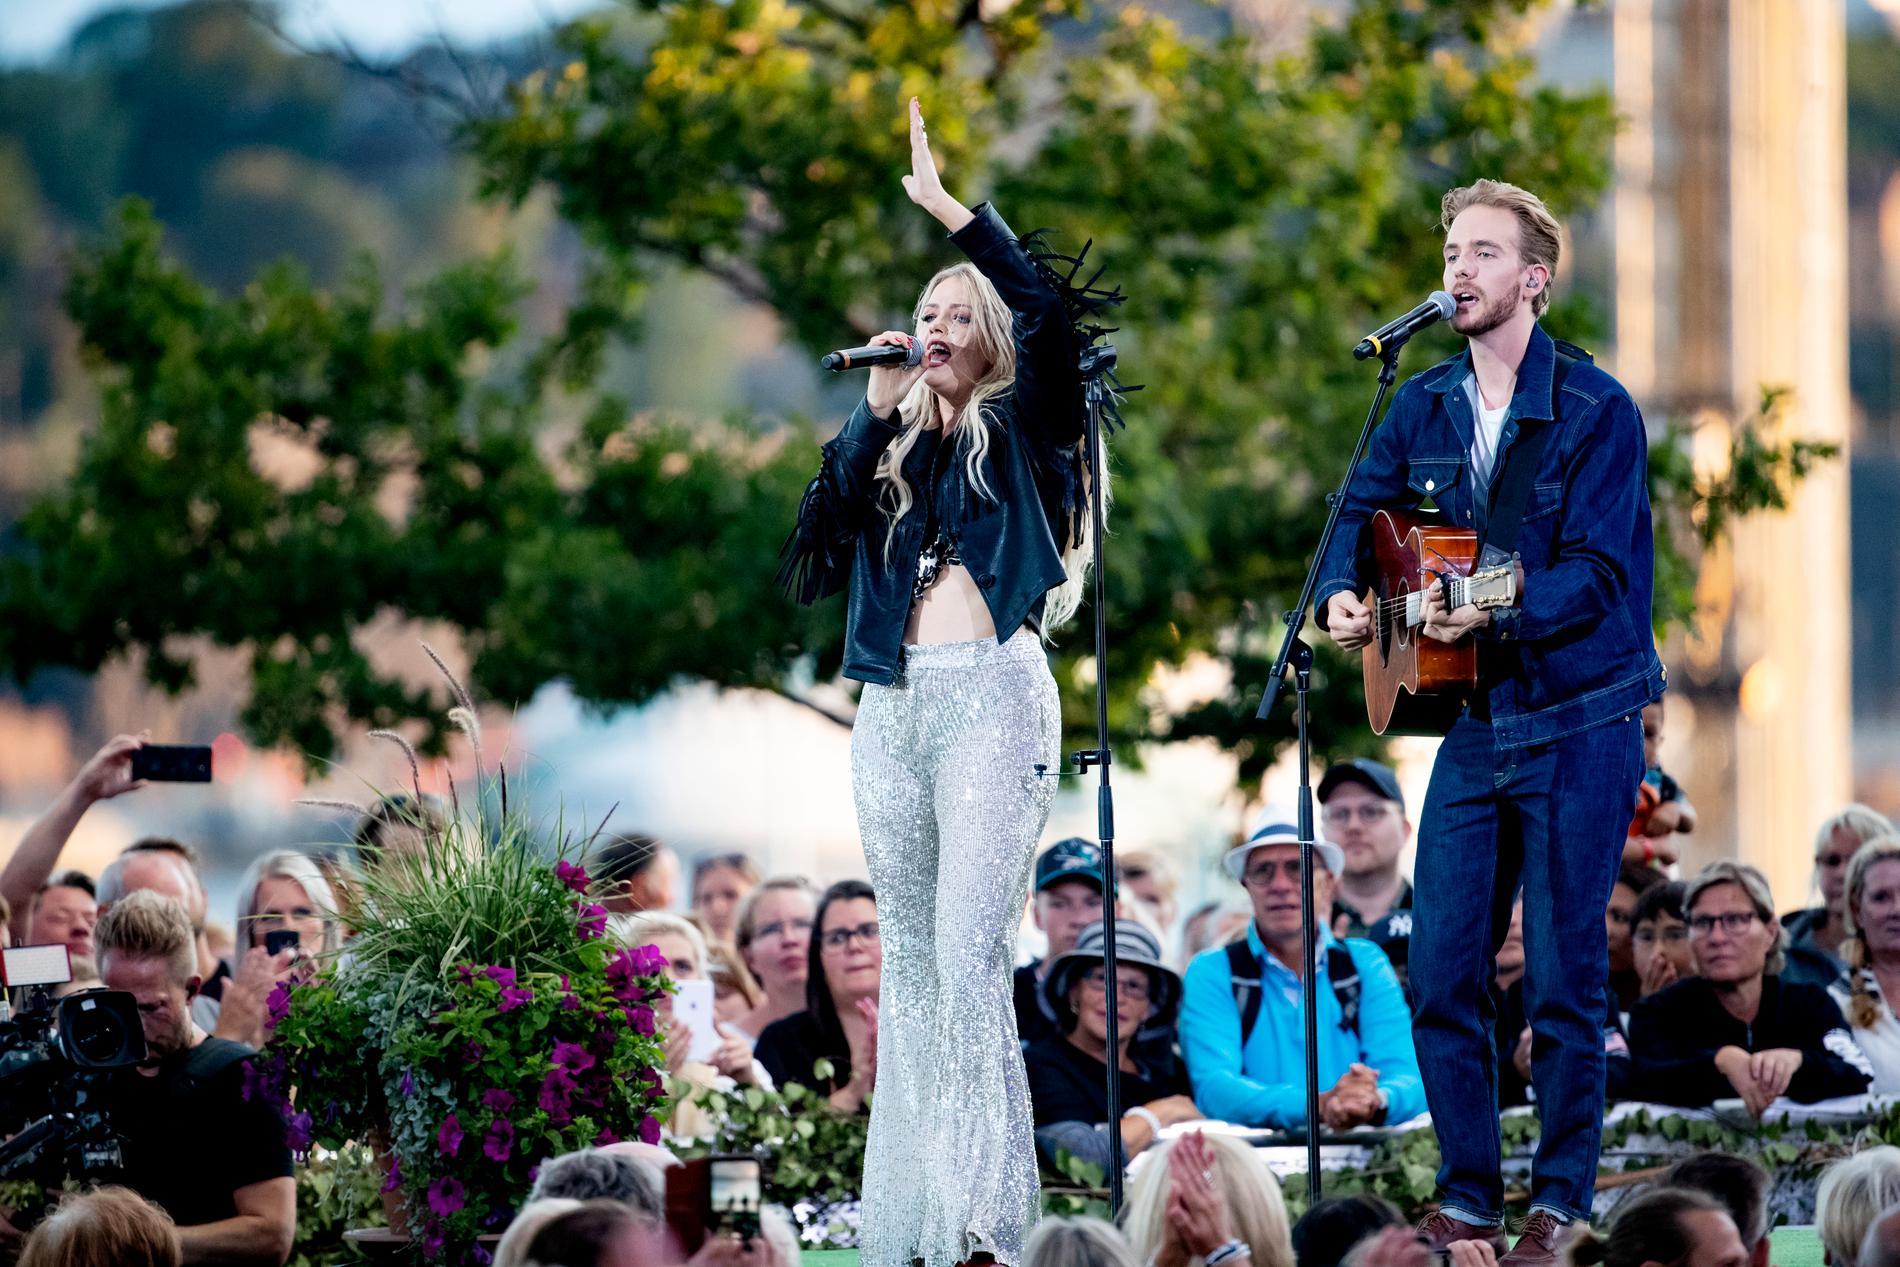 Smith & Thell, Maria Smith och Victor Thell, på Allsångs-scenen 2019